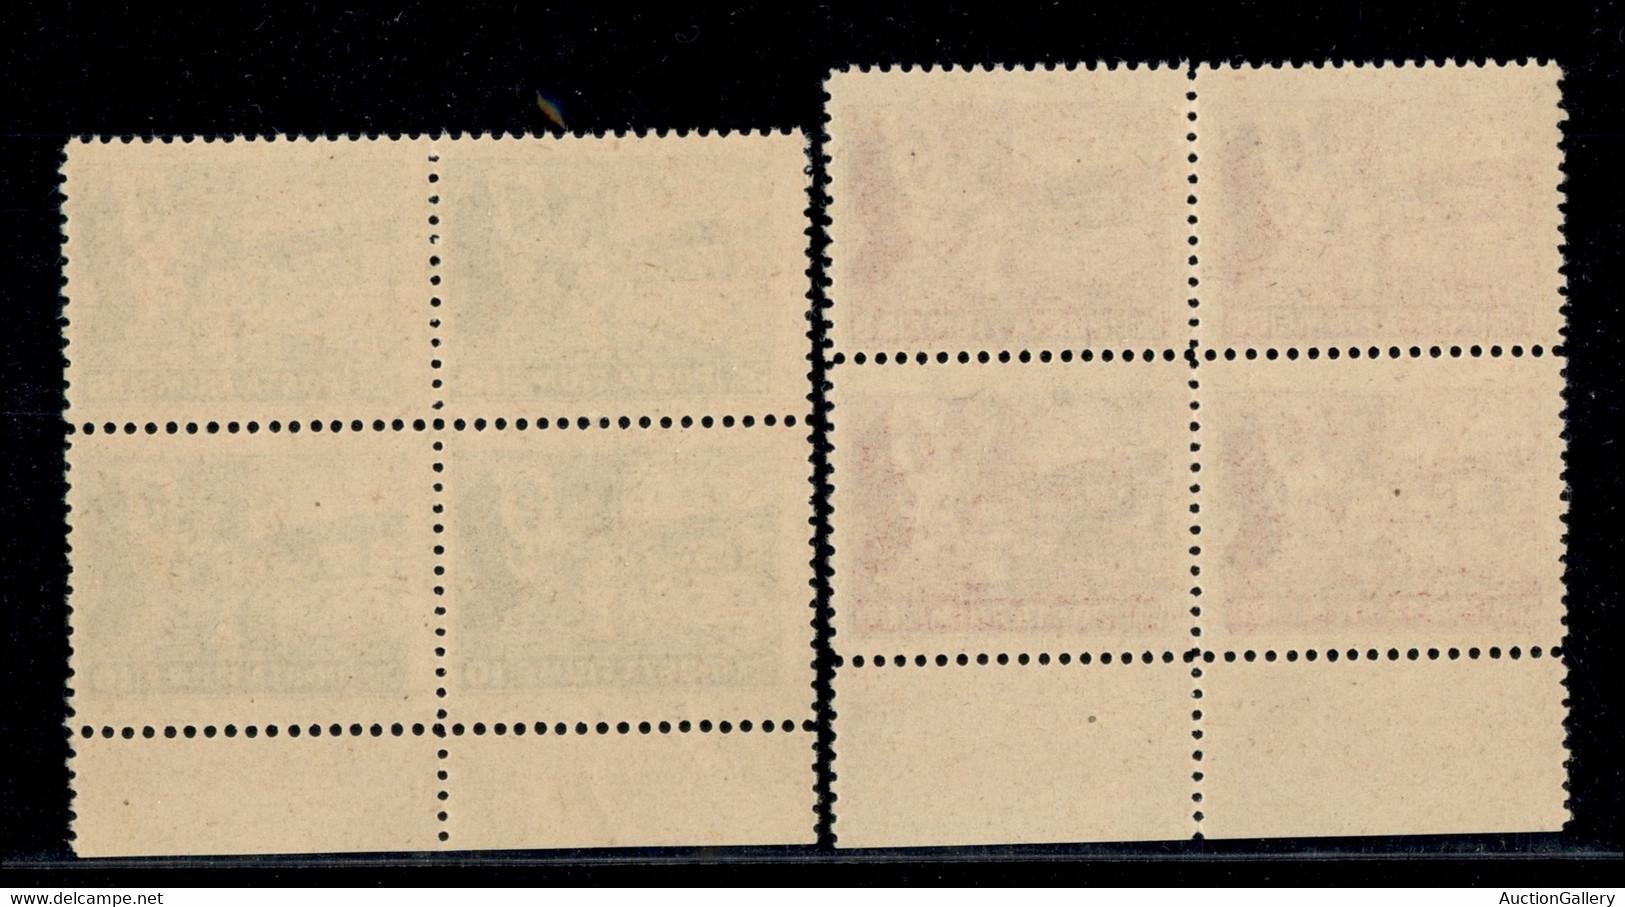 OCCUPAZIONI I GUERRA MONDIALE - Fiume - 1919 - Posta Fiume (49/56) - Serie Completa In Quartine Bordo Di Foglio - Gomma  - Non Classificati